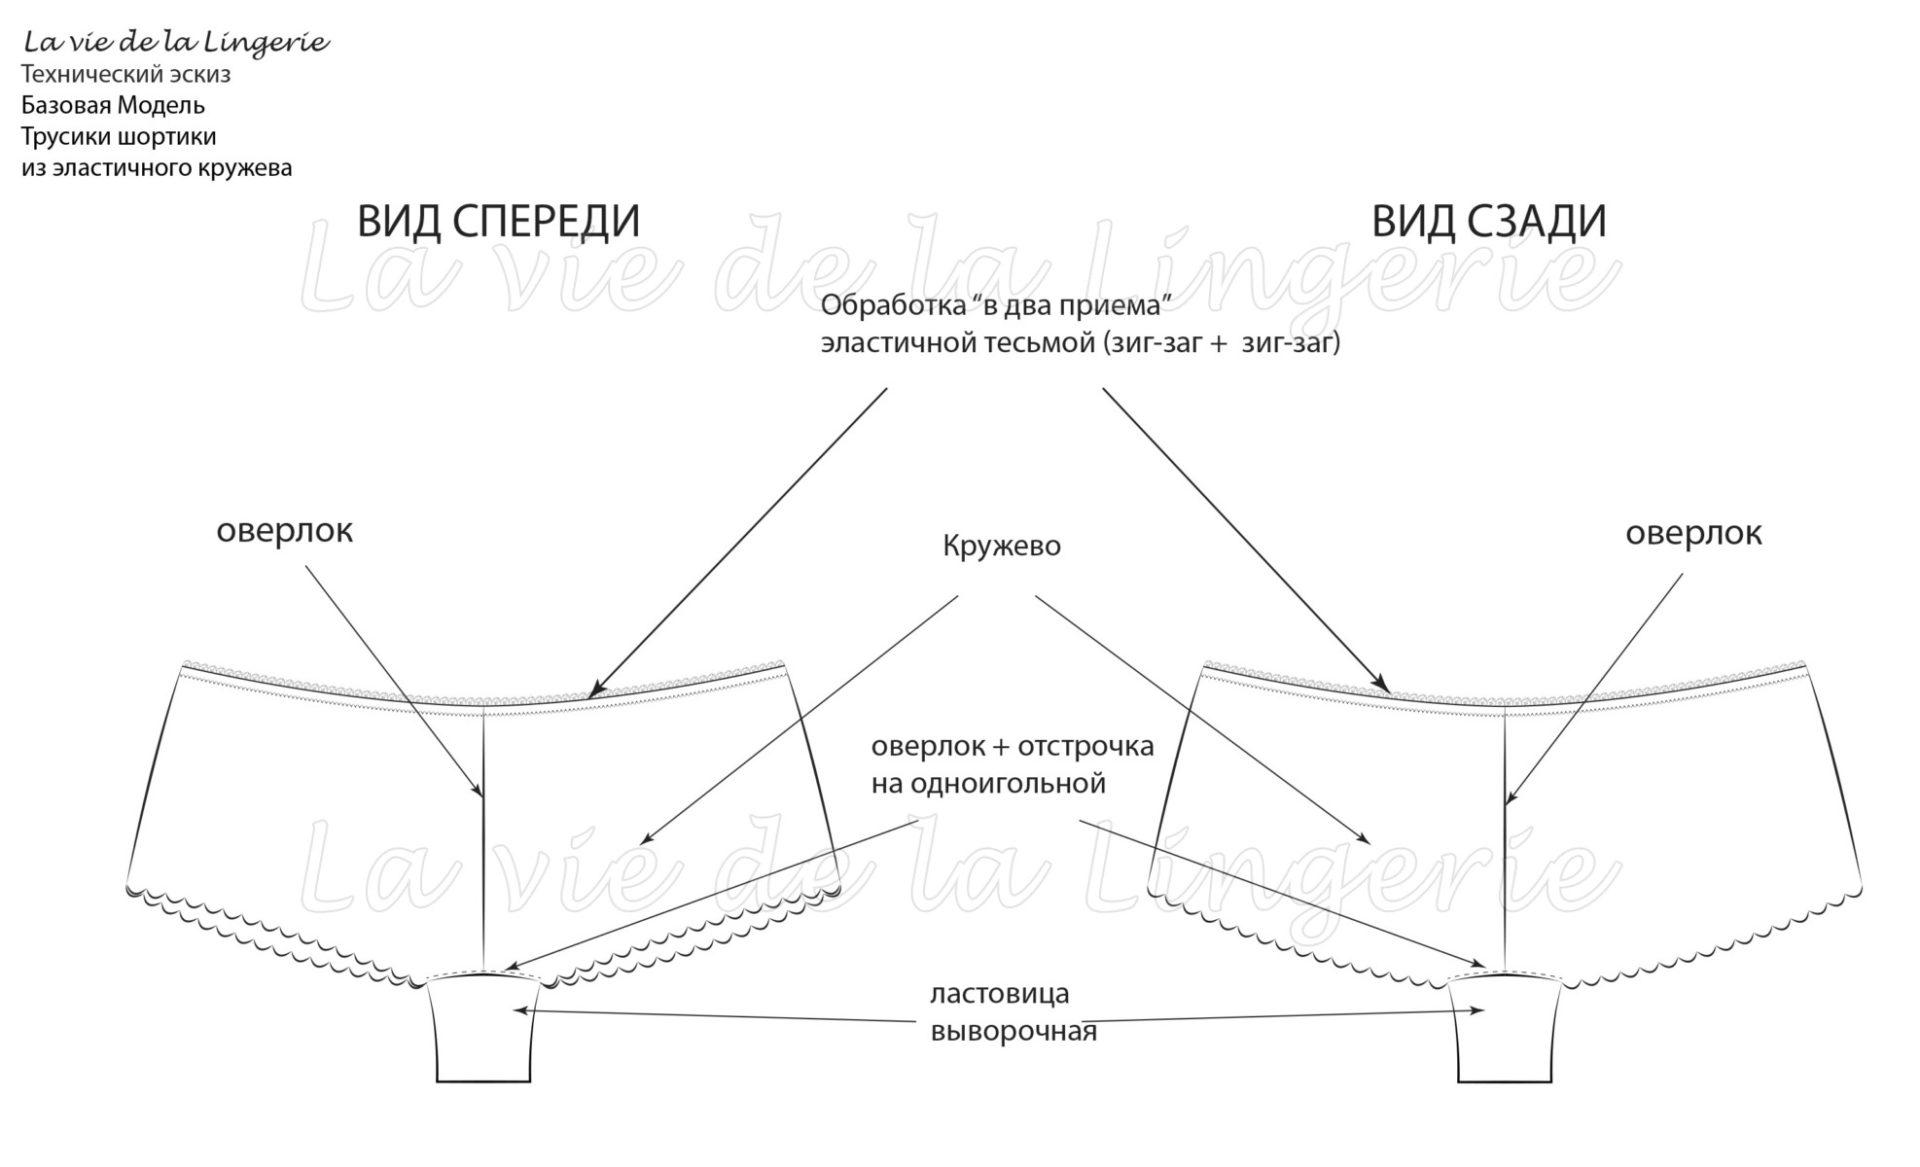 """Техническое описание модели """"Трусики Шортики"""""""